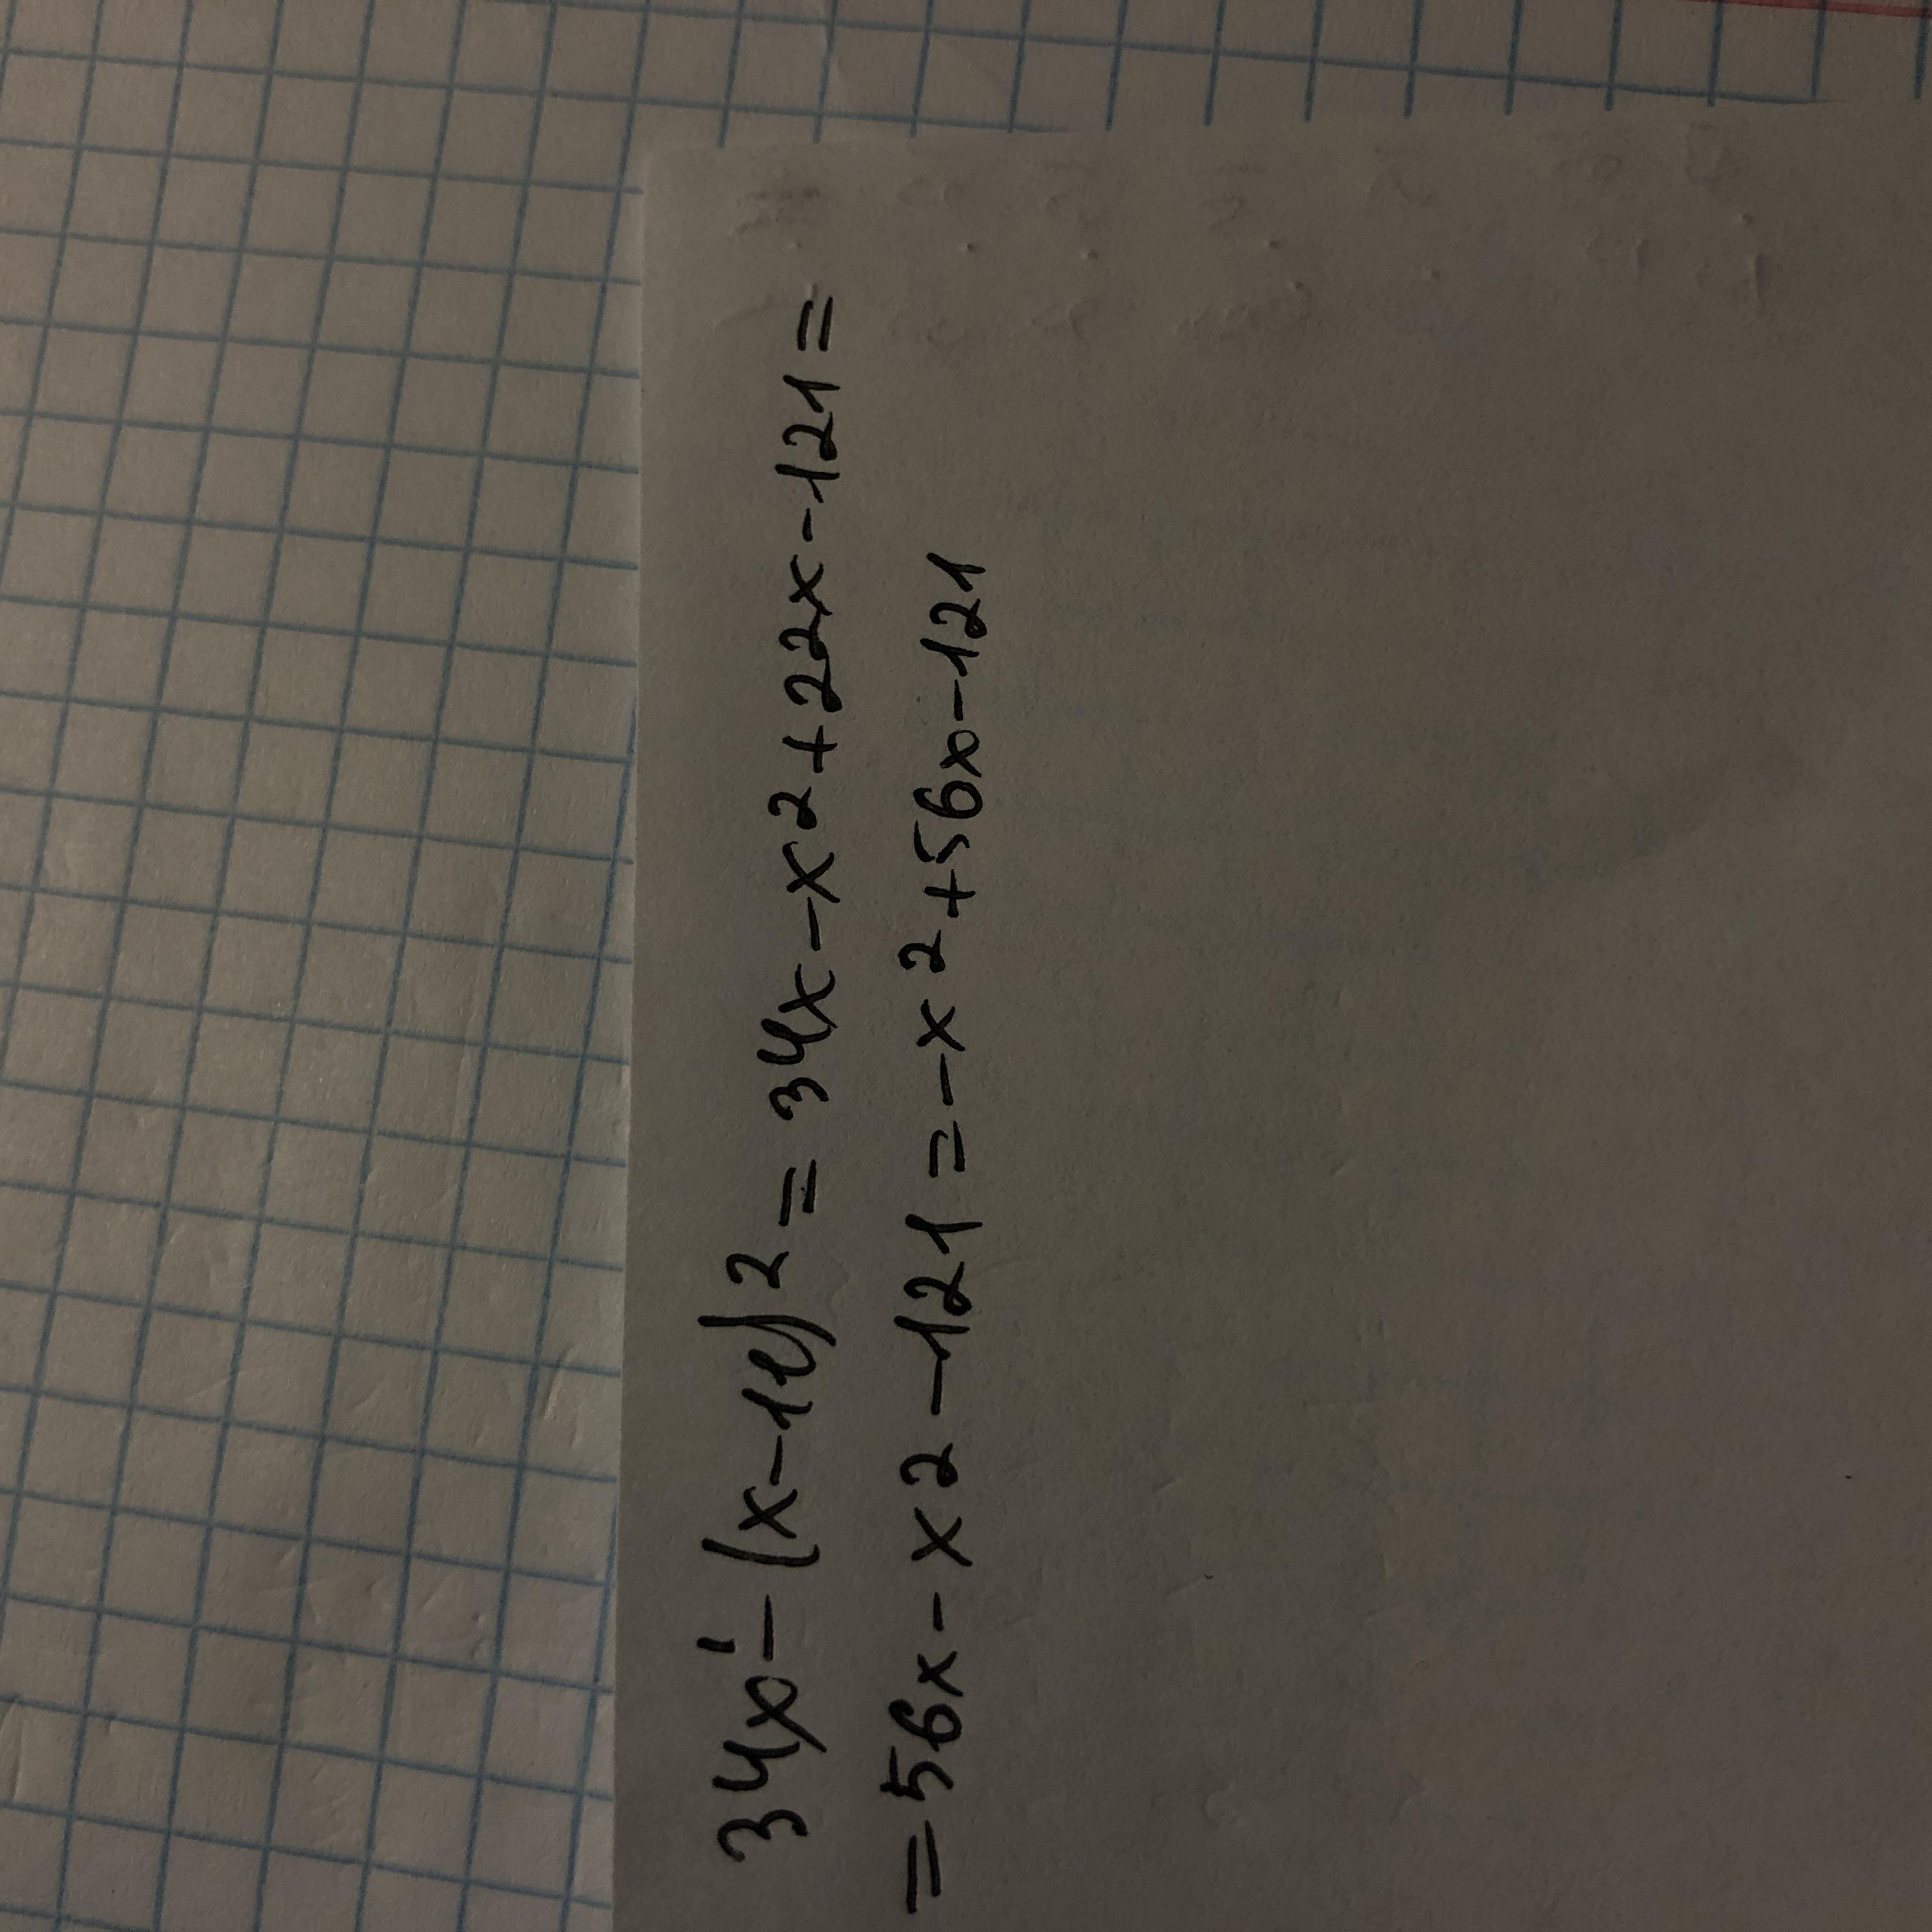 Упростить выражение 34x-(x-11)^2